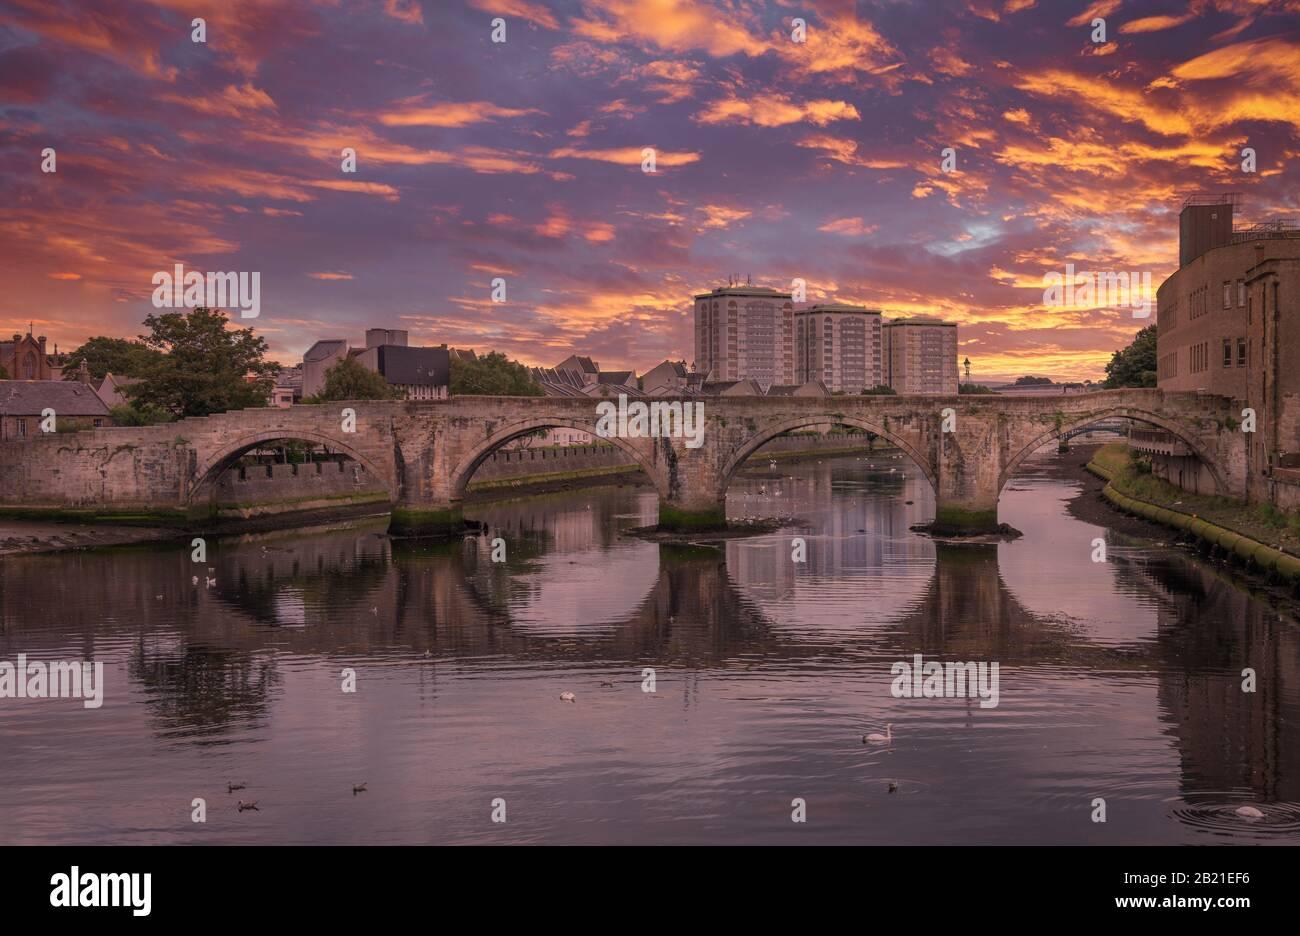 El histórico Puente Viejo de Ayr en Escocia que se extiende por el río Ayr y una espectacular puesta de sol roja sobre la ciudad. Foto de stock